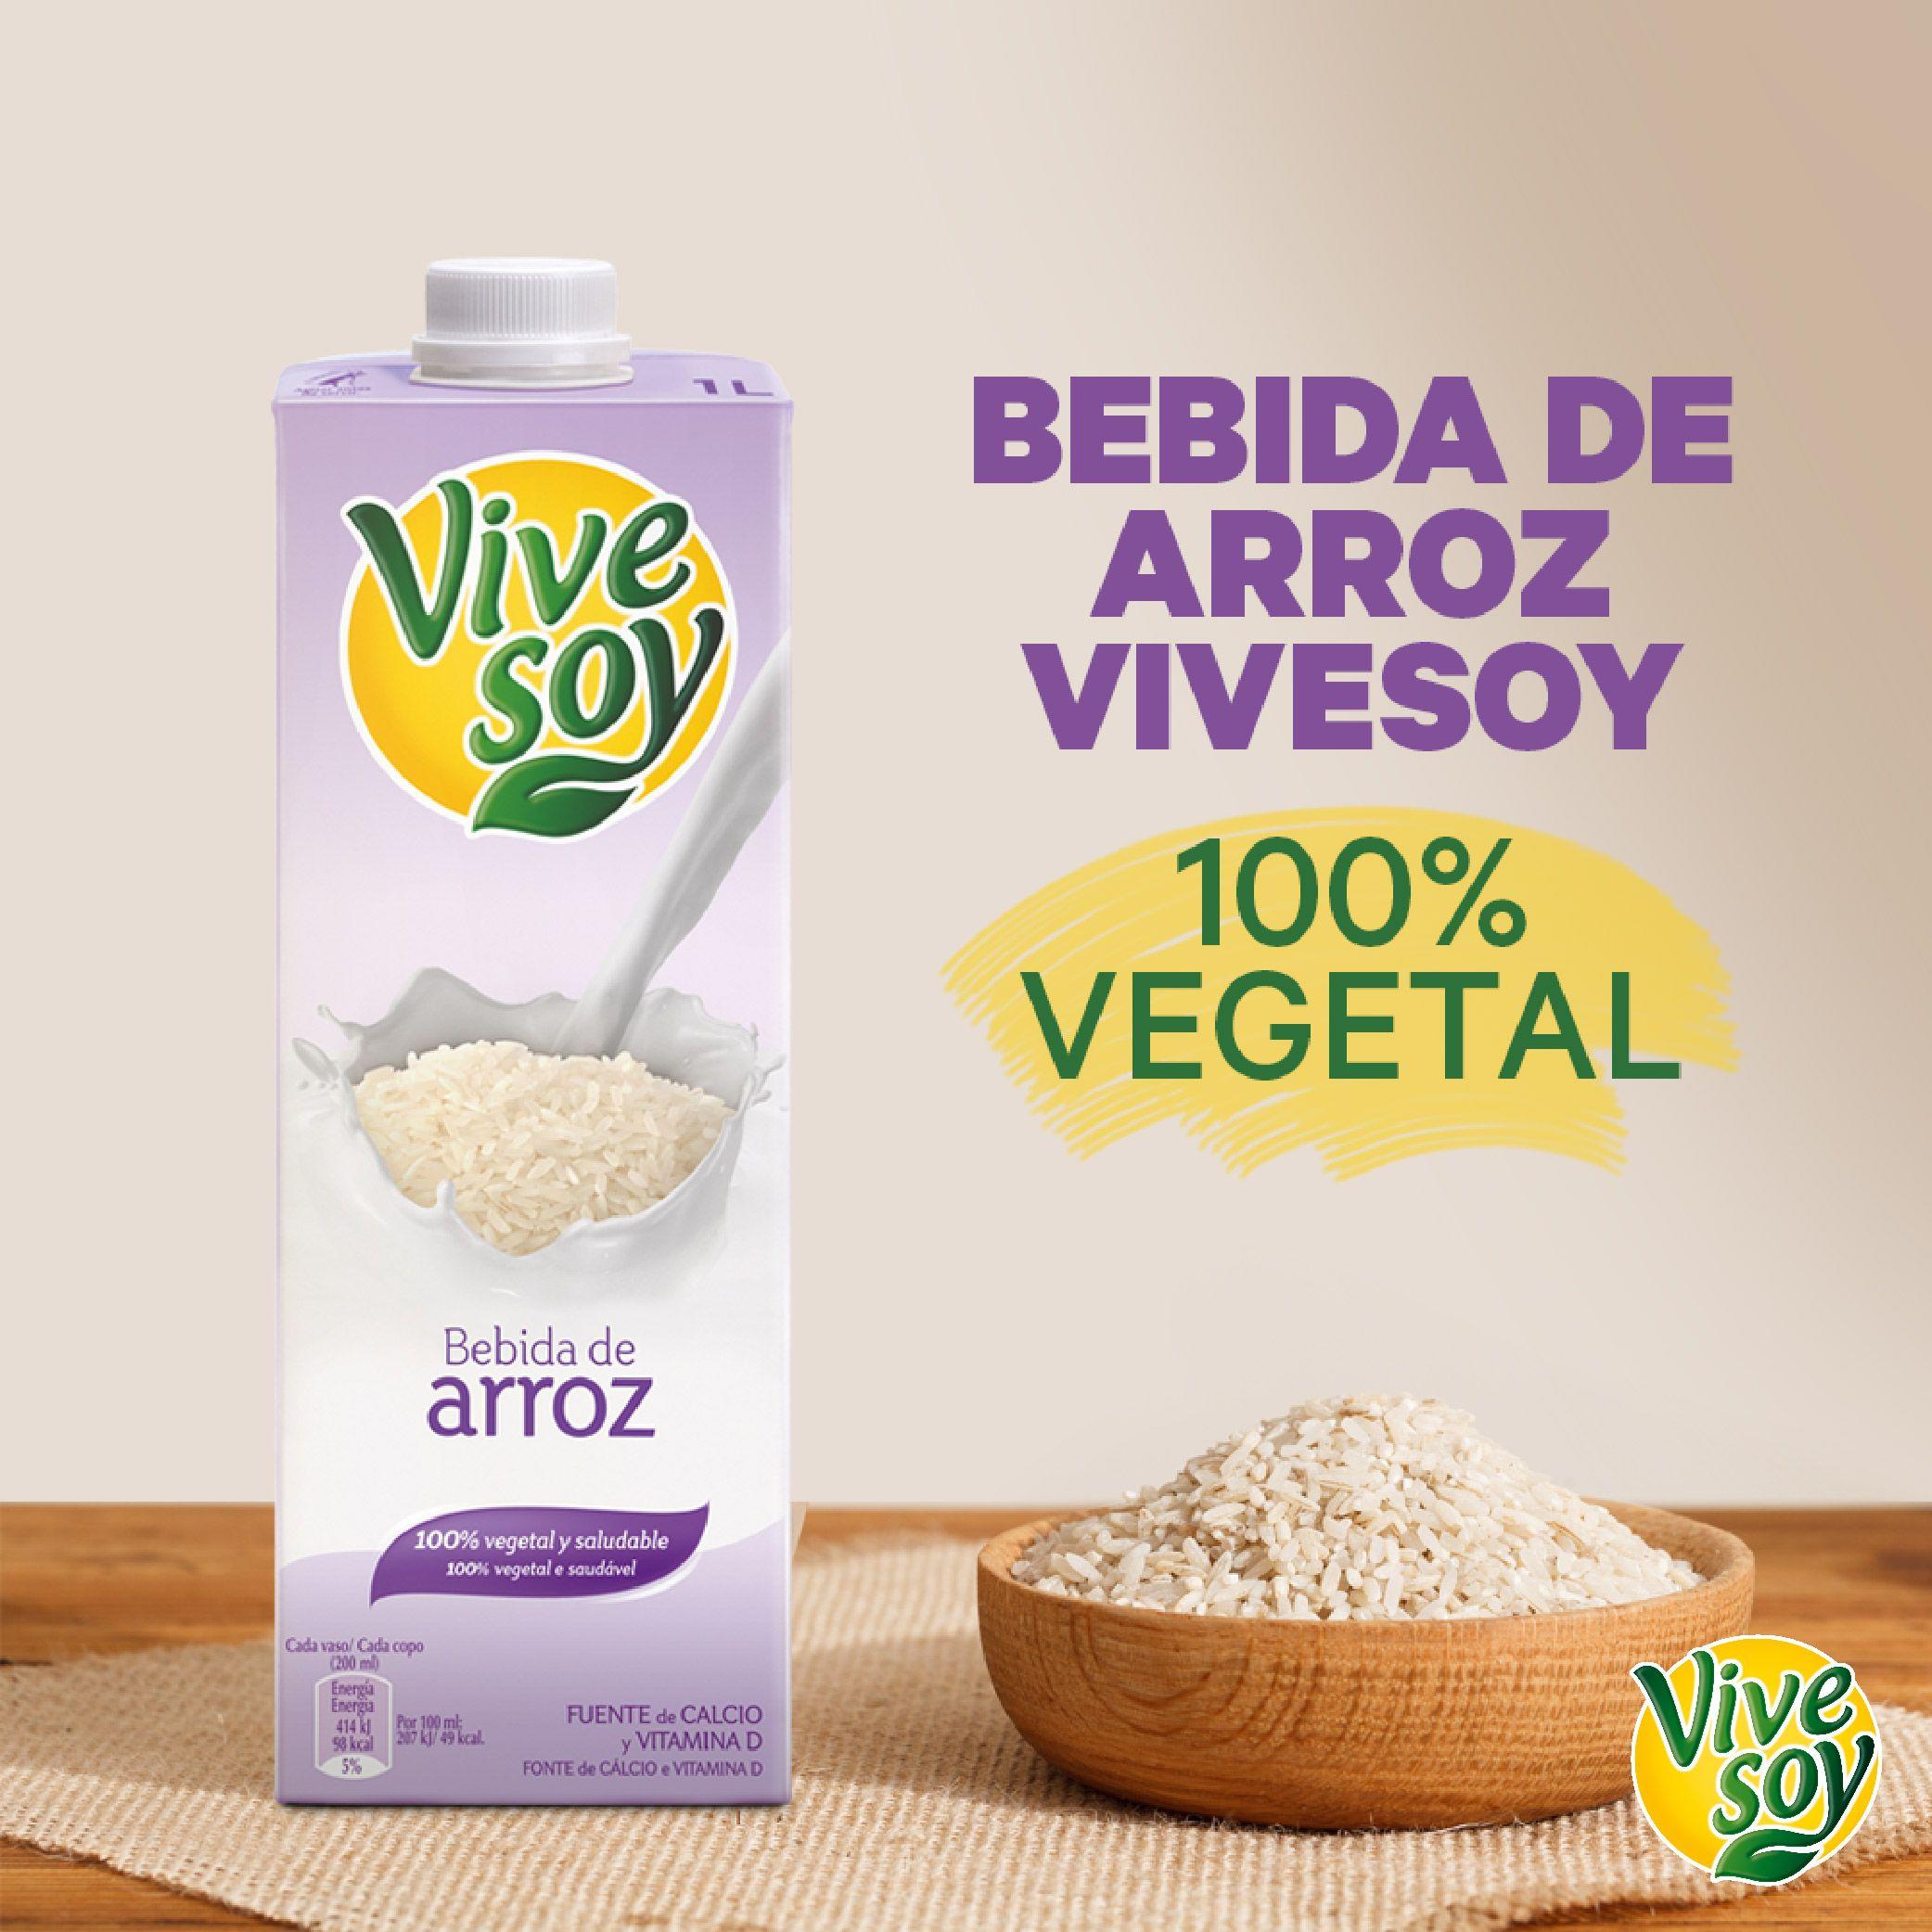 ¿Has probado ya nuestra bebida de arroz #Vivesoy? ¡Descubre todos sus #beneficios! #MeCuido #Bienestar #BebidaDeArrozVivesoy #BebidaDeArroz #BebidasVegetales #HábitosSaludables #Disfruta #Arroz